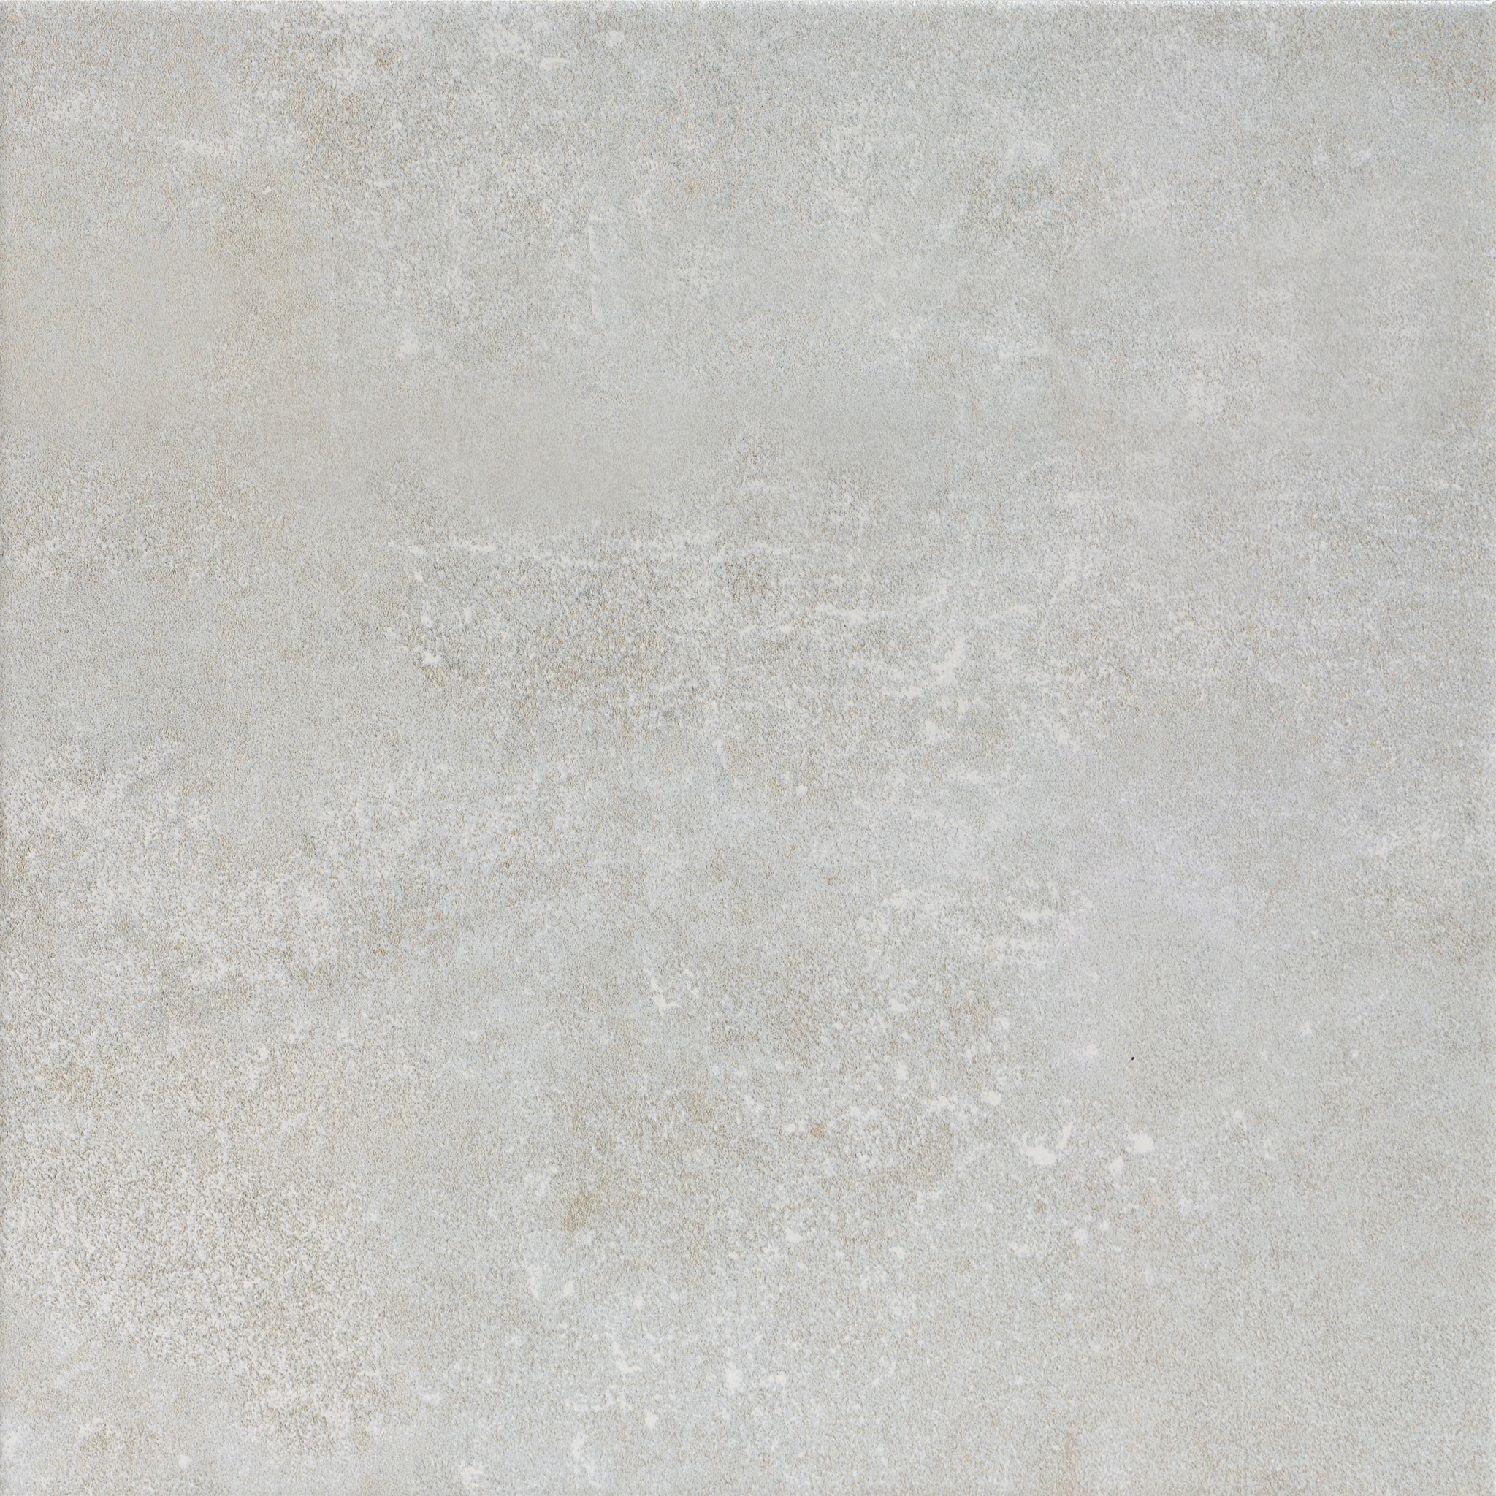 Купить Керамическая плитка Saloni Gard Pav. Grafito напольная 43x43, Испания